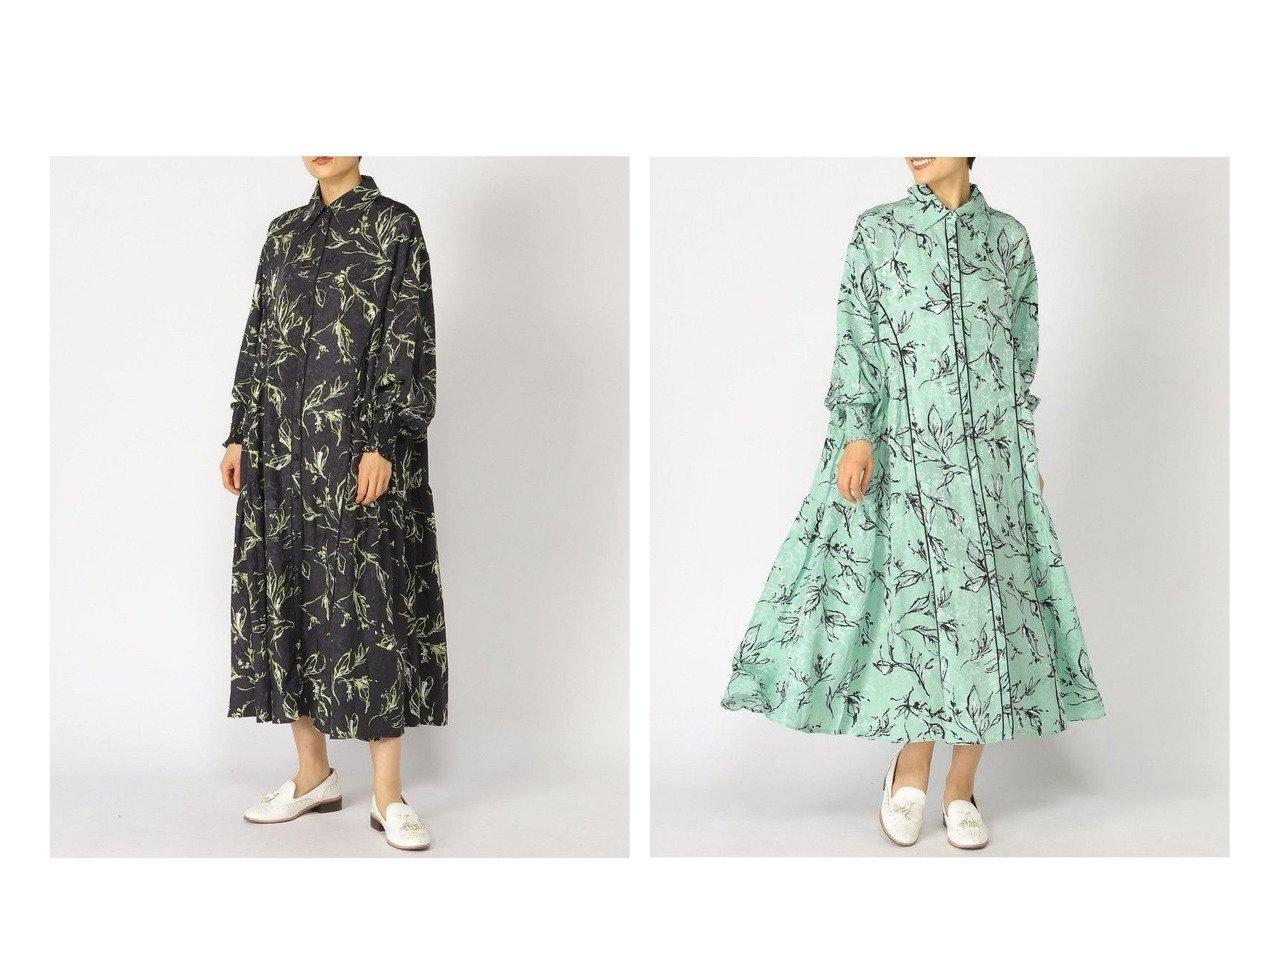 【JEANASiS/ジーナシス】のクサキガラロングOP 【ワンピース・ドレス】おすすめ!人気、トレンド・レディースファッションの通販 おすすめで人気の流行・トレンド、ファッションの通販商品 インテリア・家具・メンズファッション・キッズファッション・レディースファッション・服の通販 founy(ファニー) https://founy.com/ ファッション Fashion レディースファッション WOMEN ワンピース Dress シャツワンピース Shirt Dresses ティアード パイピング プリント 人気 春 Spring 秋 Autumn/Fall |ID:crp329100000040929